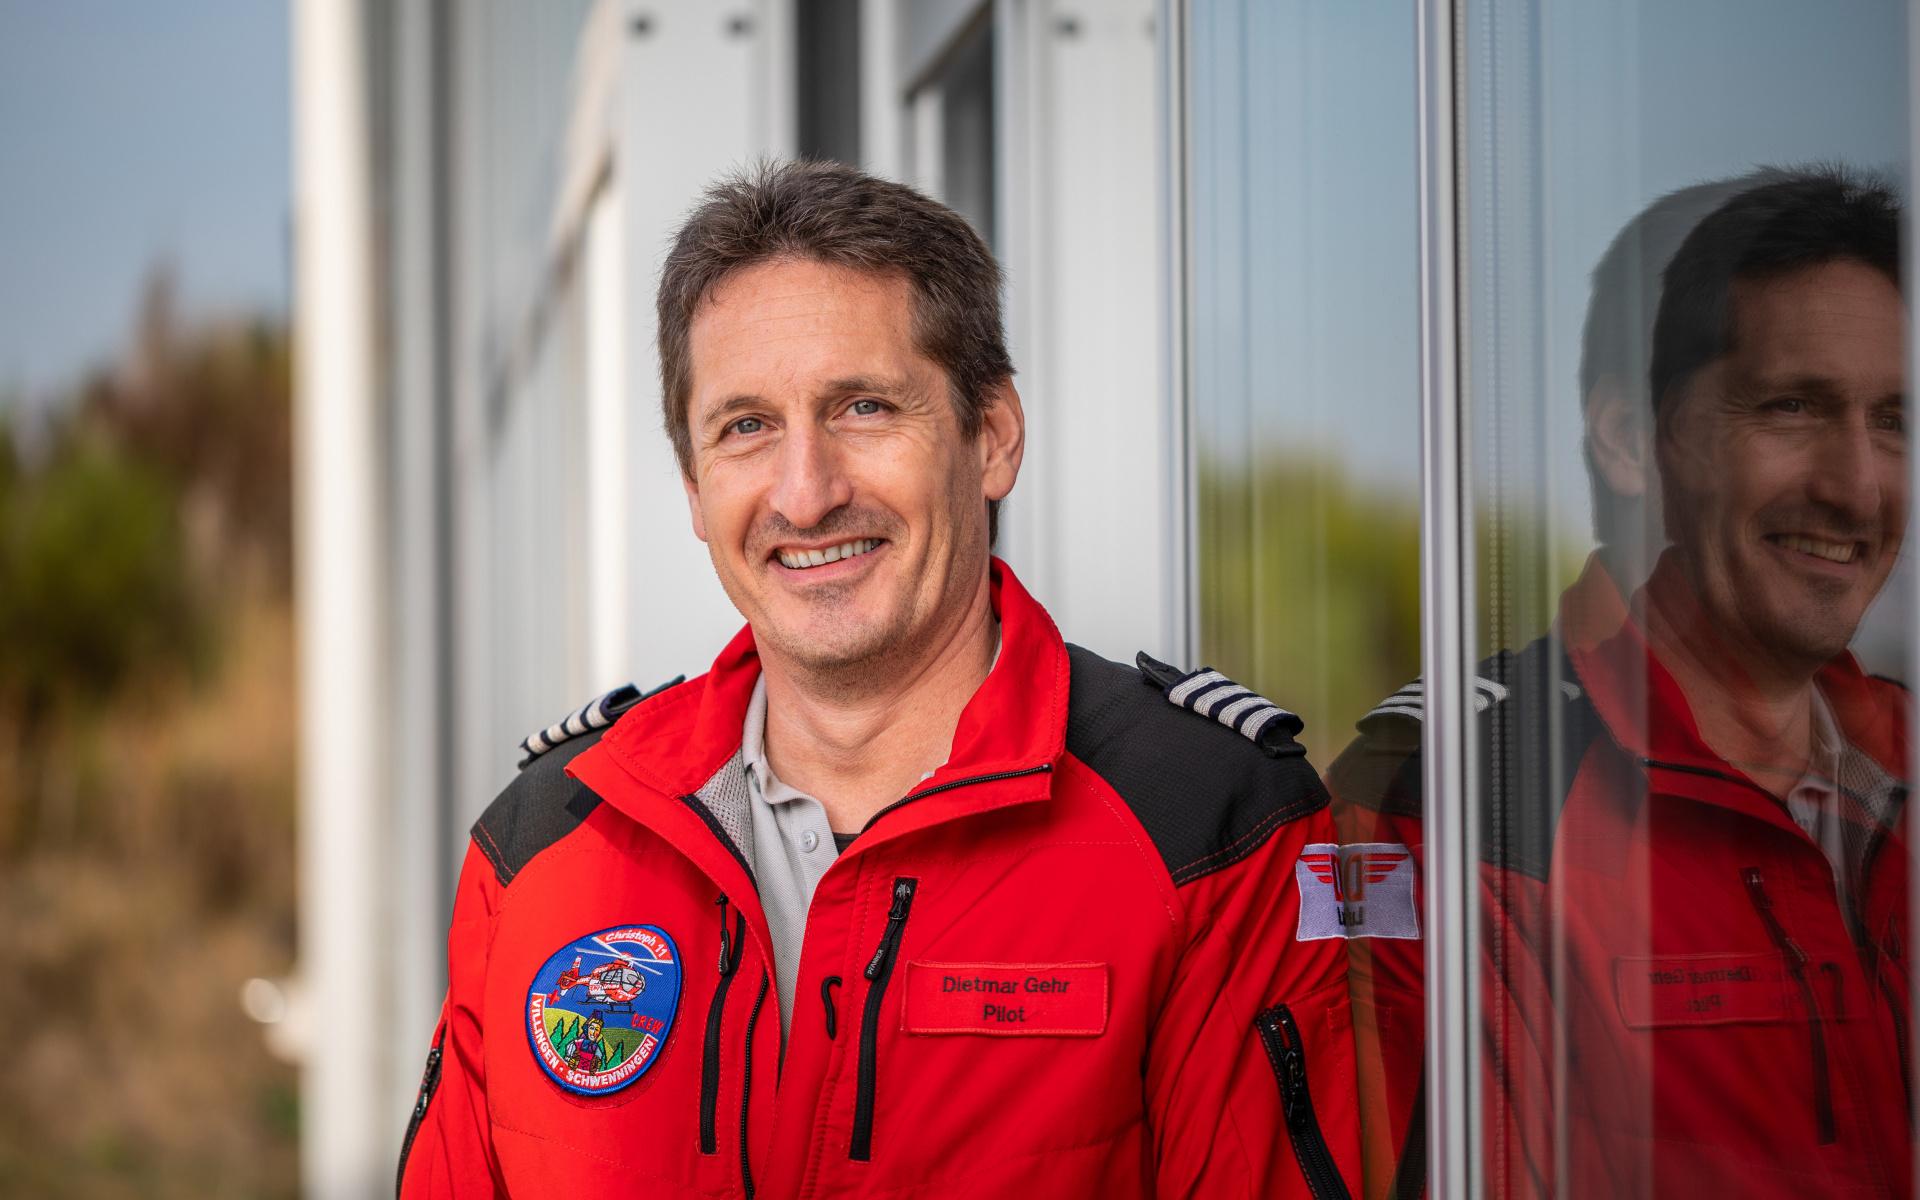 Einen anderen Werdegang zum technischen Piloten hatte Dietmar Gehr. Er startete als Bundeswehrpilot, vor rund 22 Jahren wechselte er dann in die Rettungsfliegerei, zunächst als Luftretter an der Station Nürnberg. Aufgrund seines hohen Interesses für Technik und dem damals innerhalb der DRF Luftrettung einzigartigen Hubschraubertyps EC145 an der Station München, begann er 2003 mit der zusätzlichen Tätigkeit in der Welt der technischen Fliegerei.